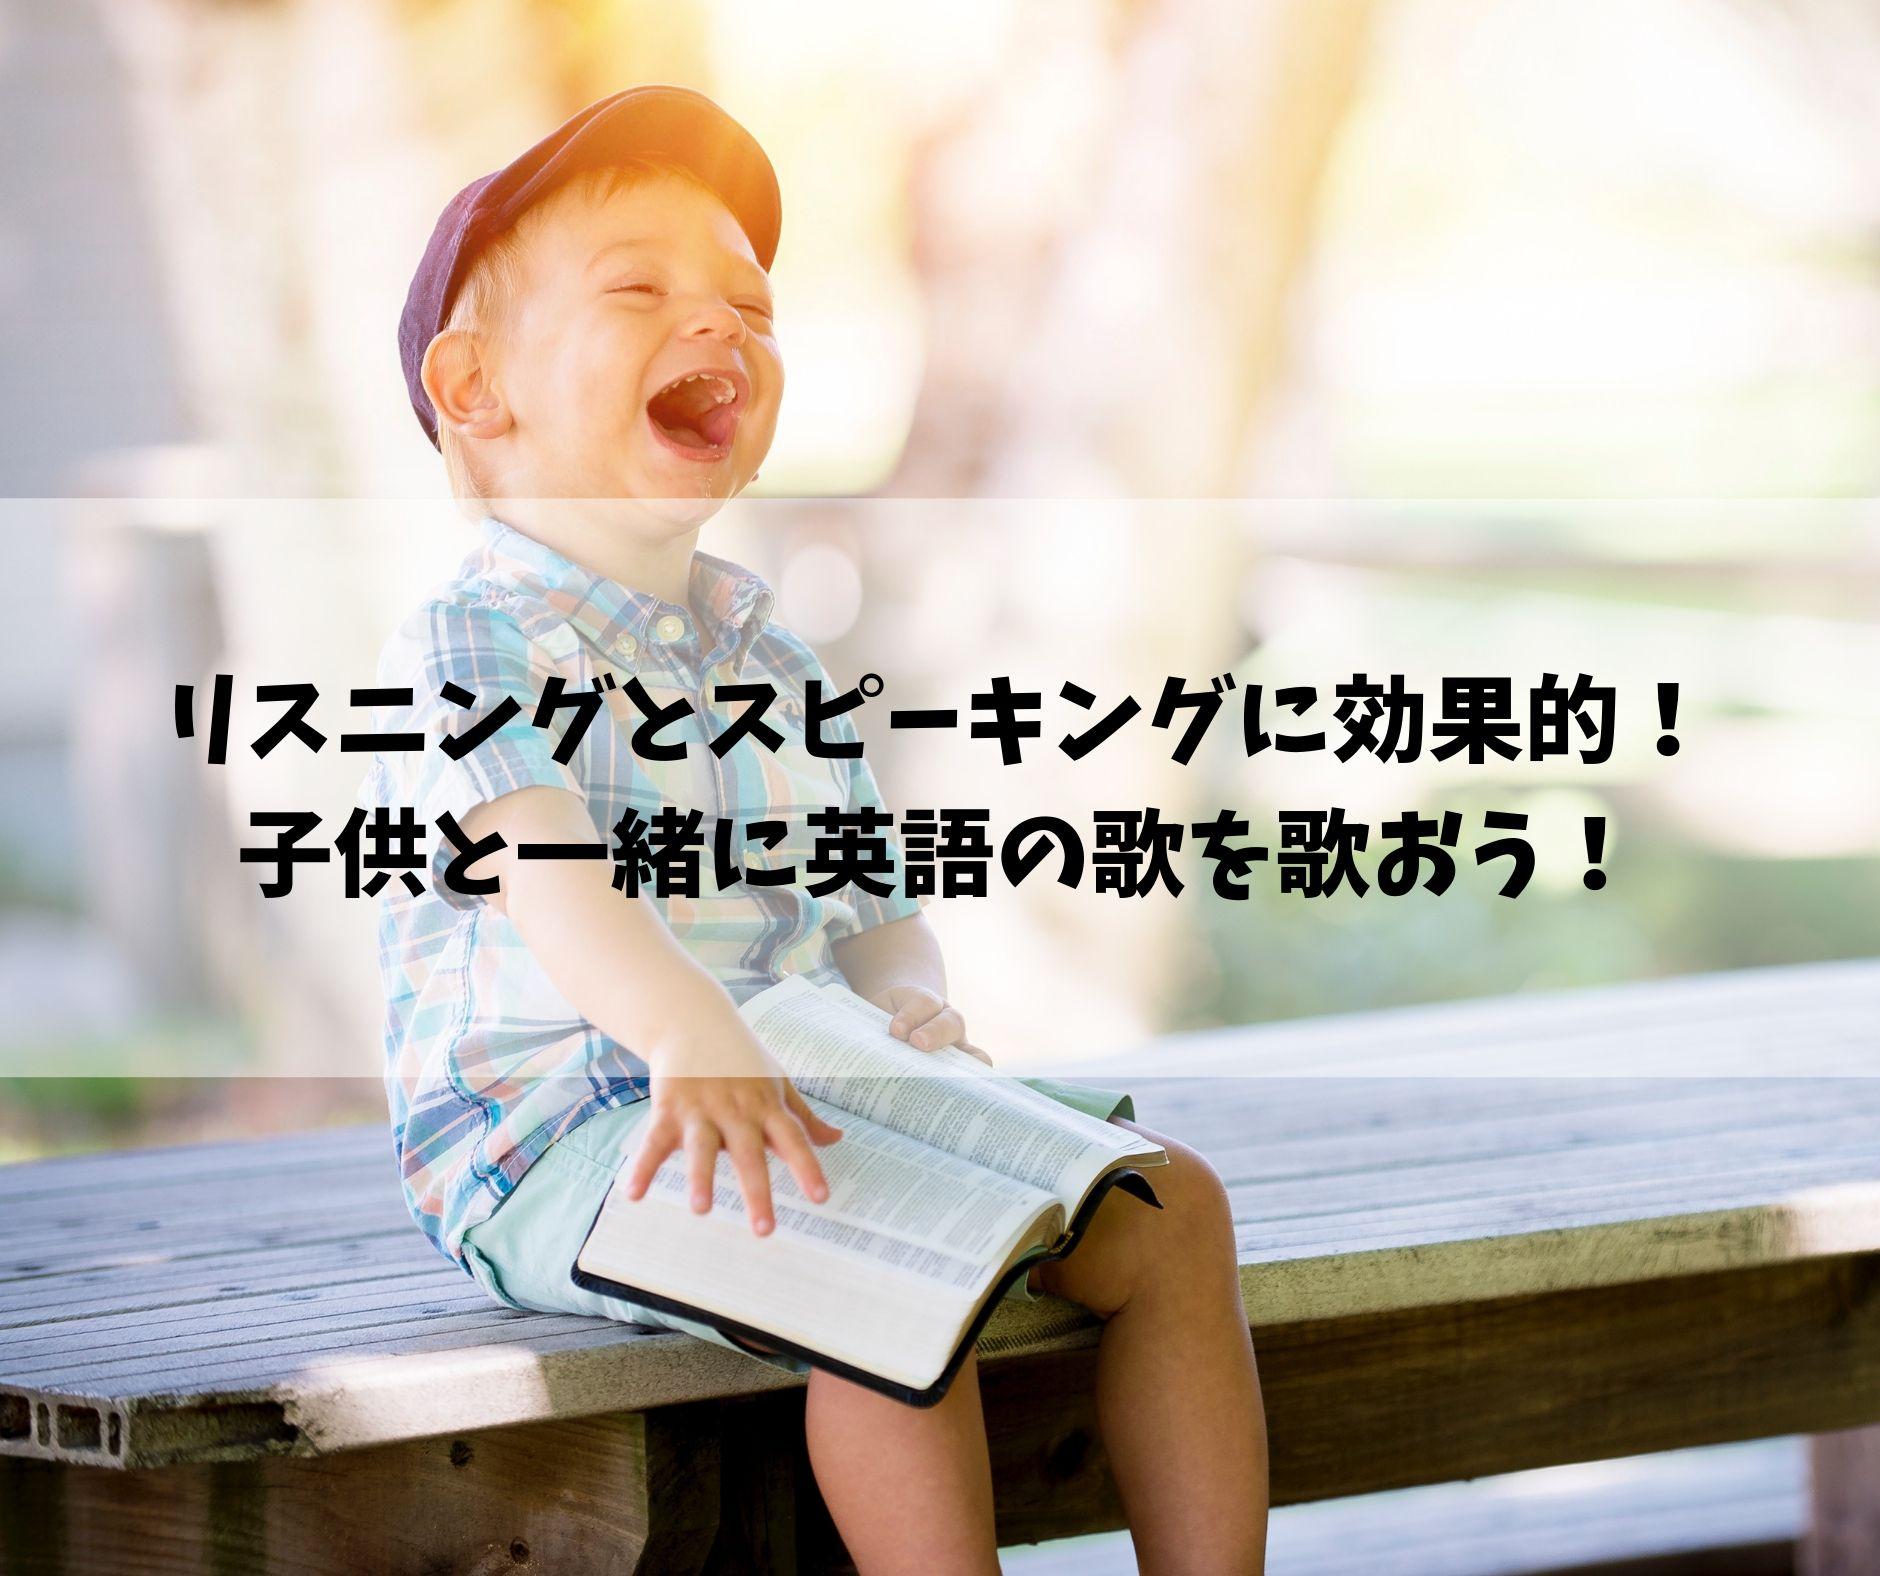 リスニングとスピーキングに効果的!子供と一緒に英語の歌を歌おう!